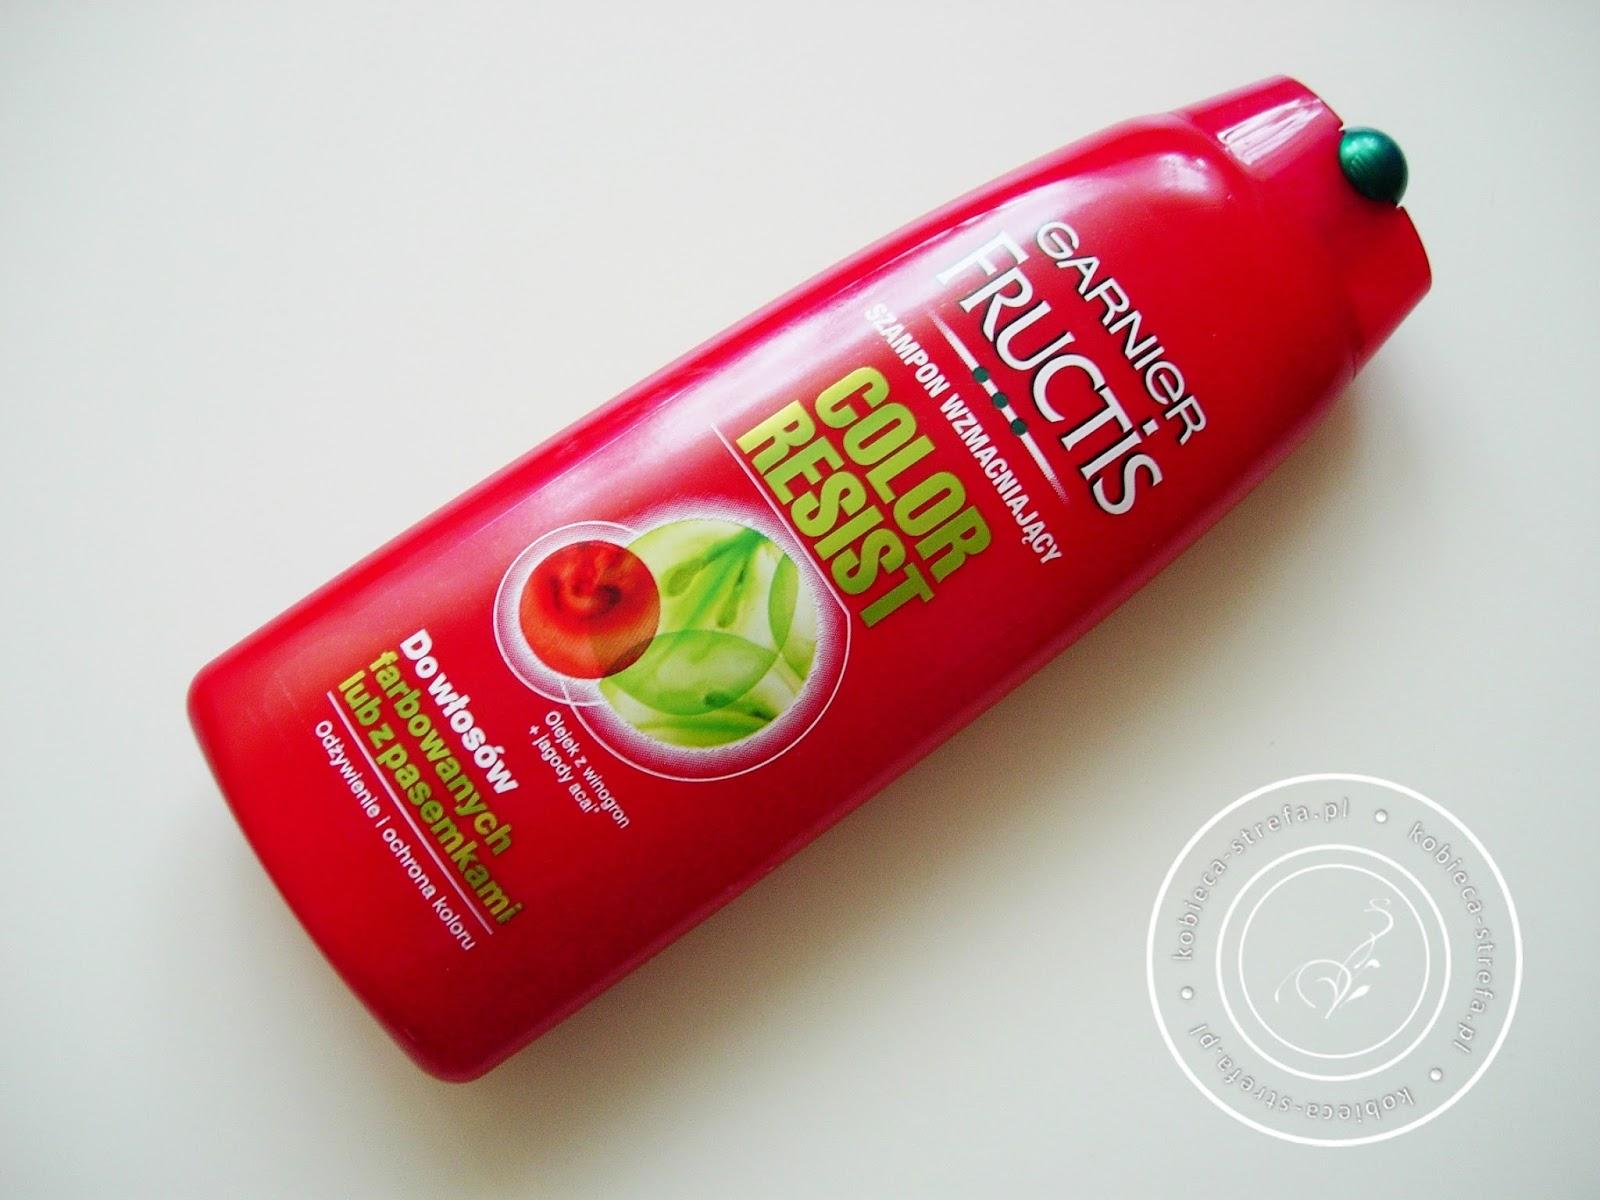 Chrońmy kolor ! Czyli po raz kolejny kosmetyki do włosów Garnier - Color Resist